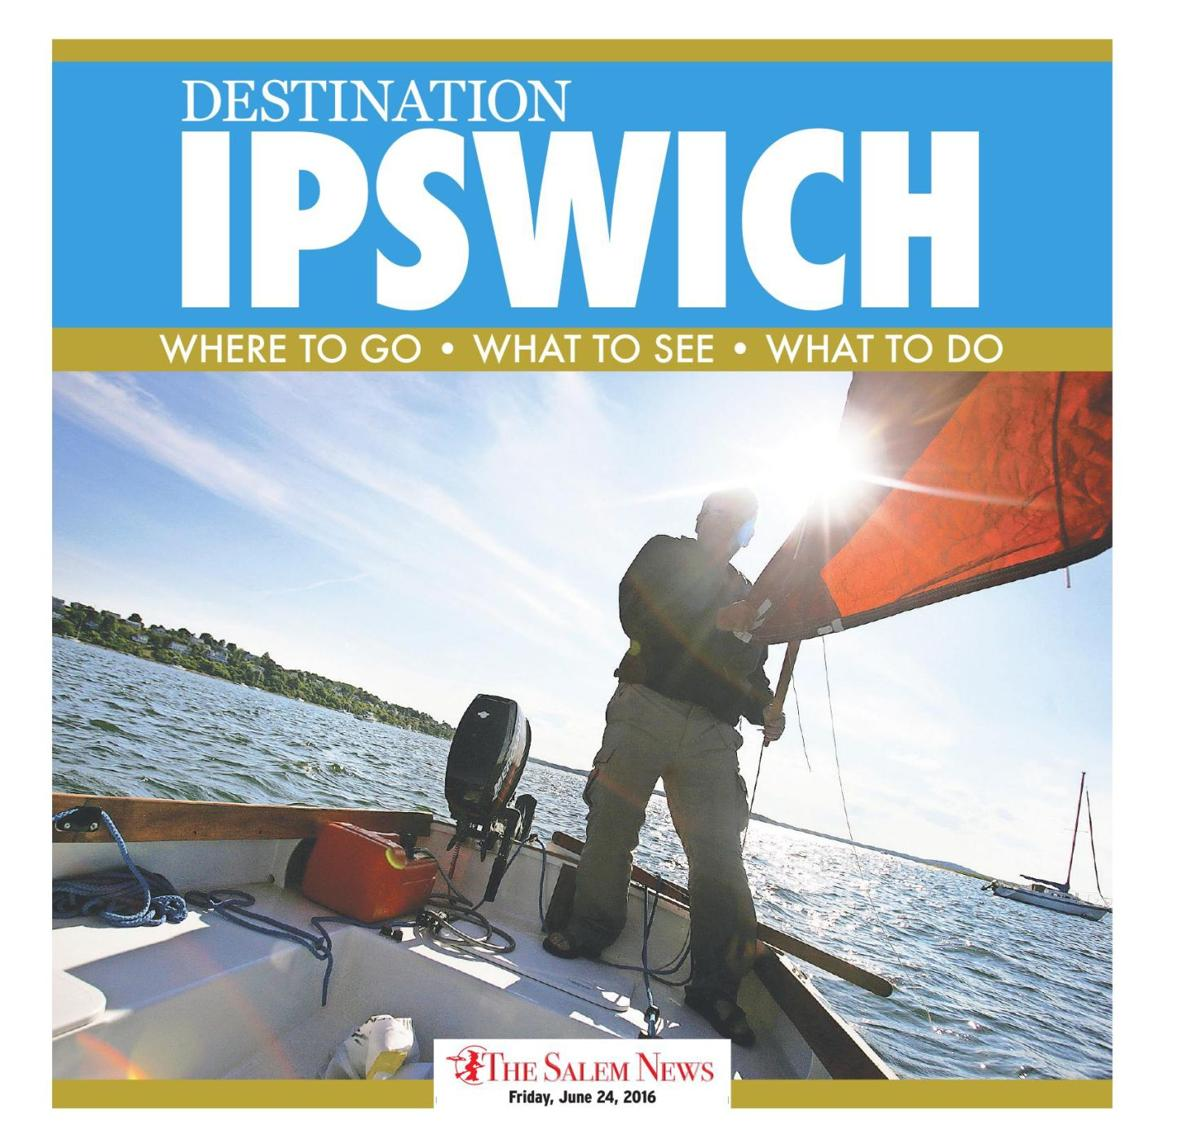 2016 Destination Ipswich